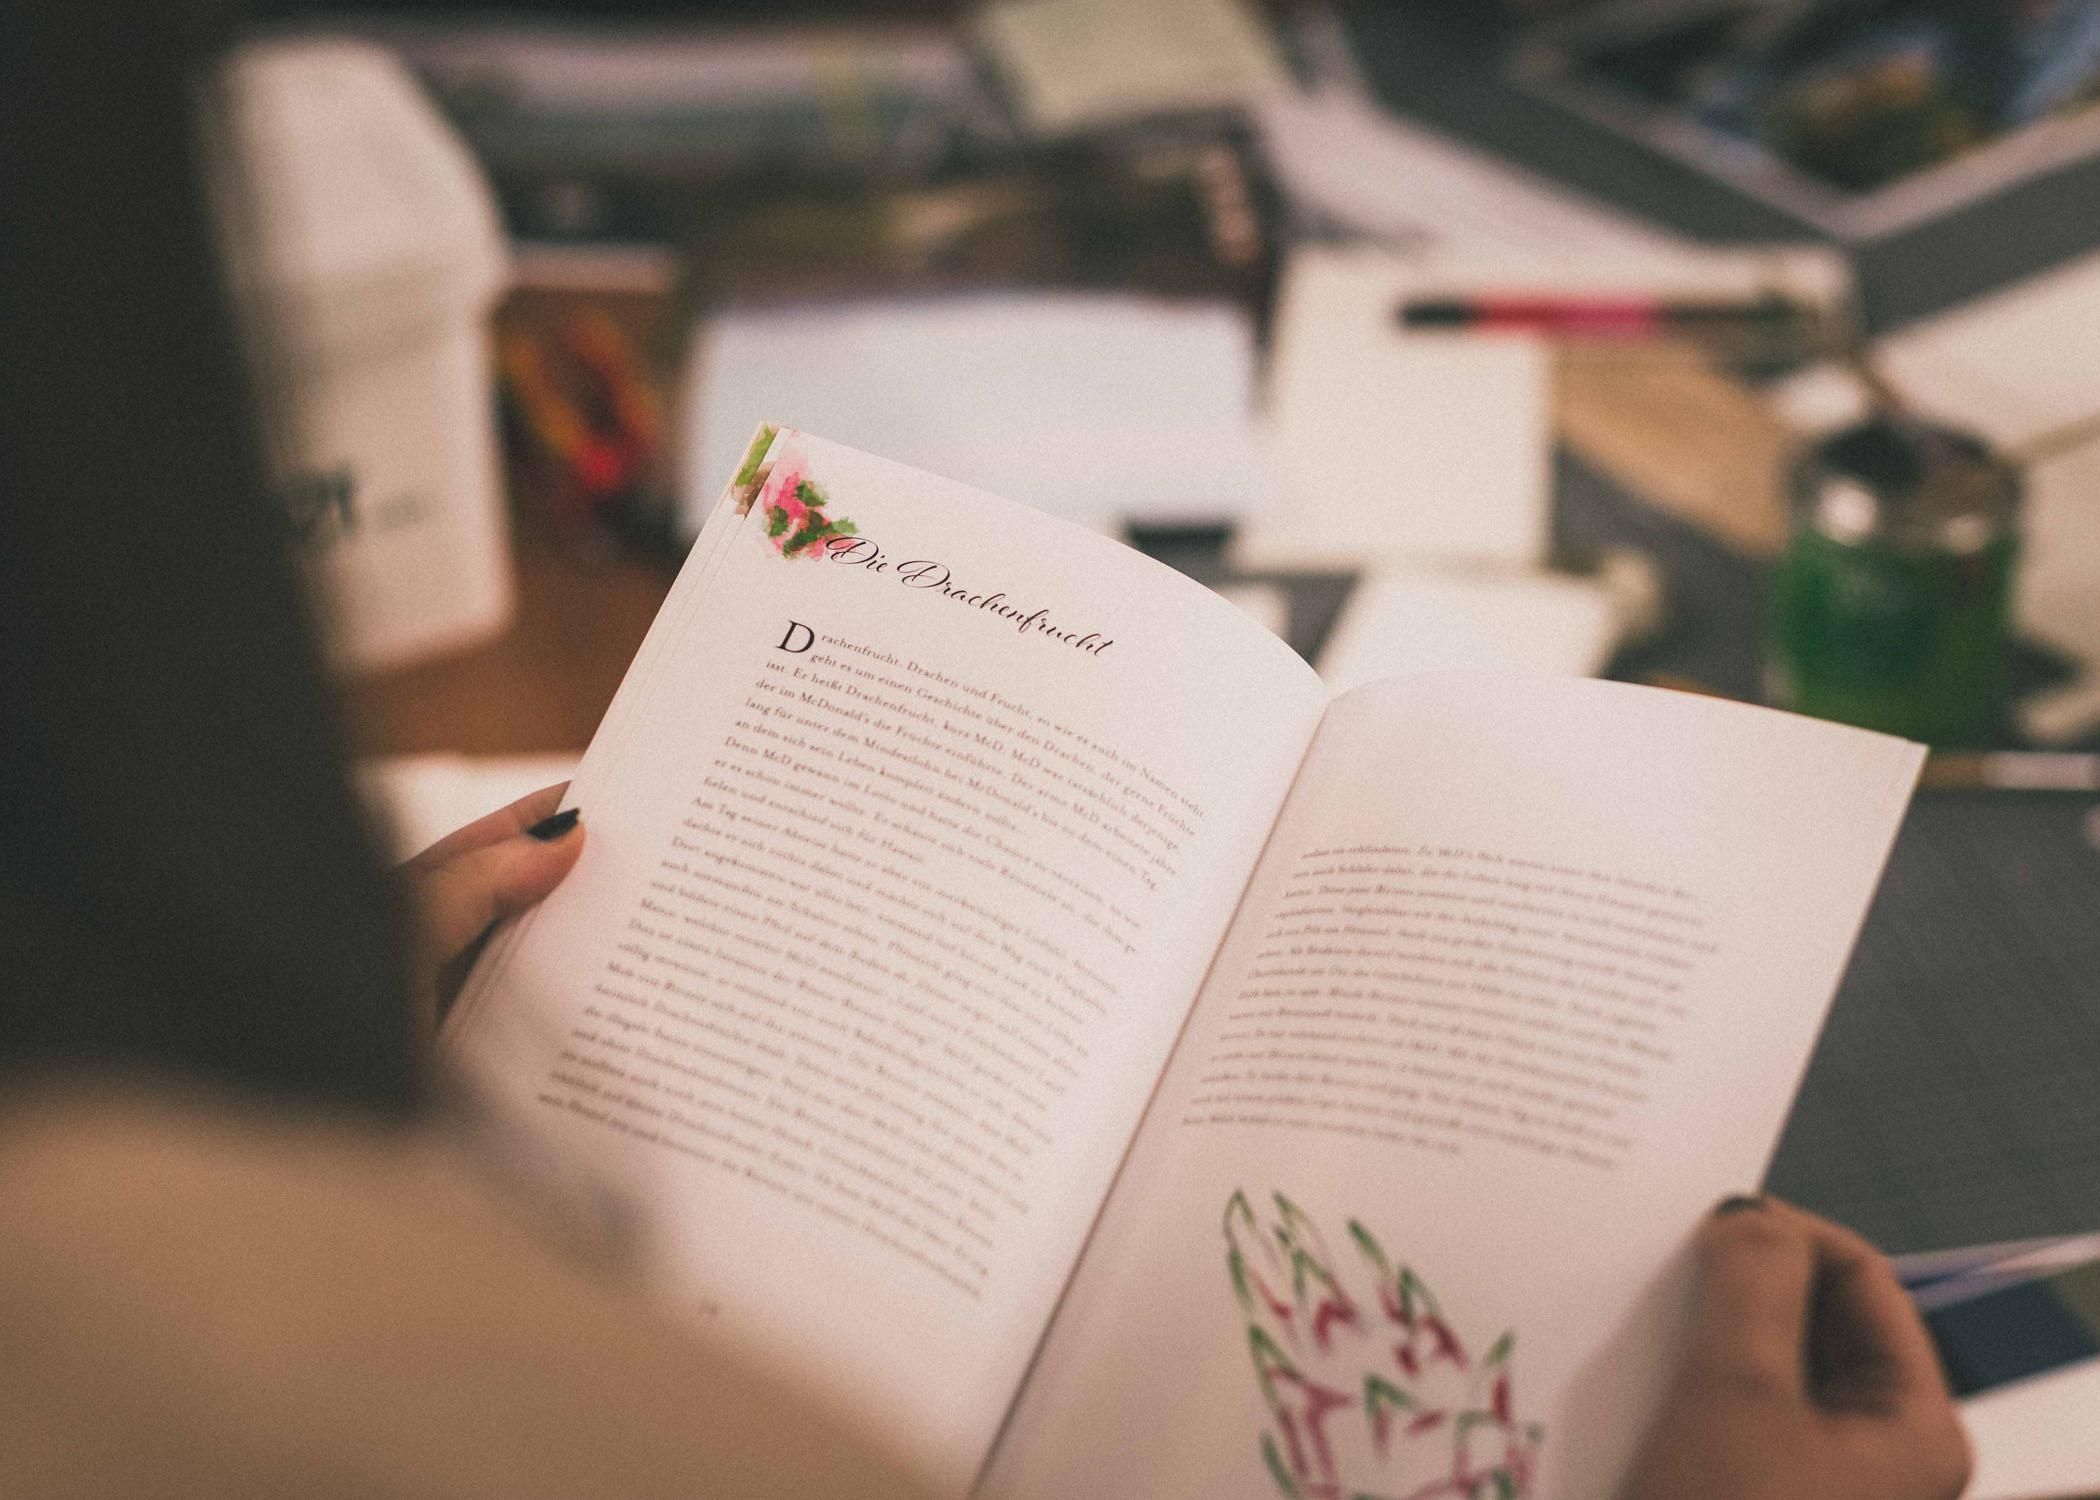 Gestaltung des Buch-Innenteils mit Typographie und Grafikelementen.